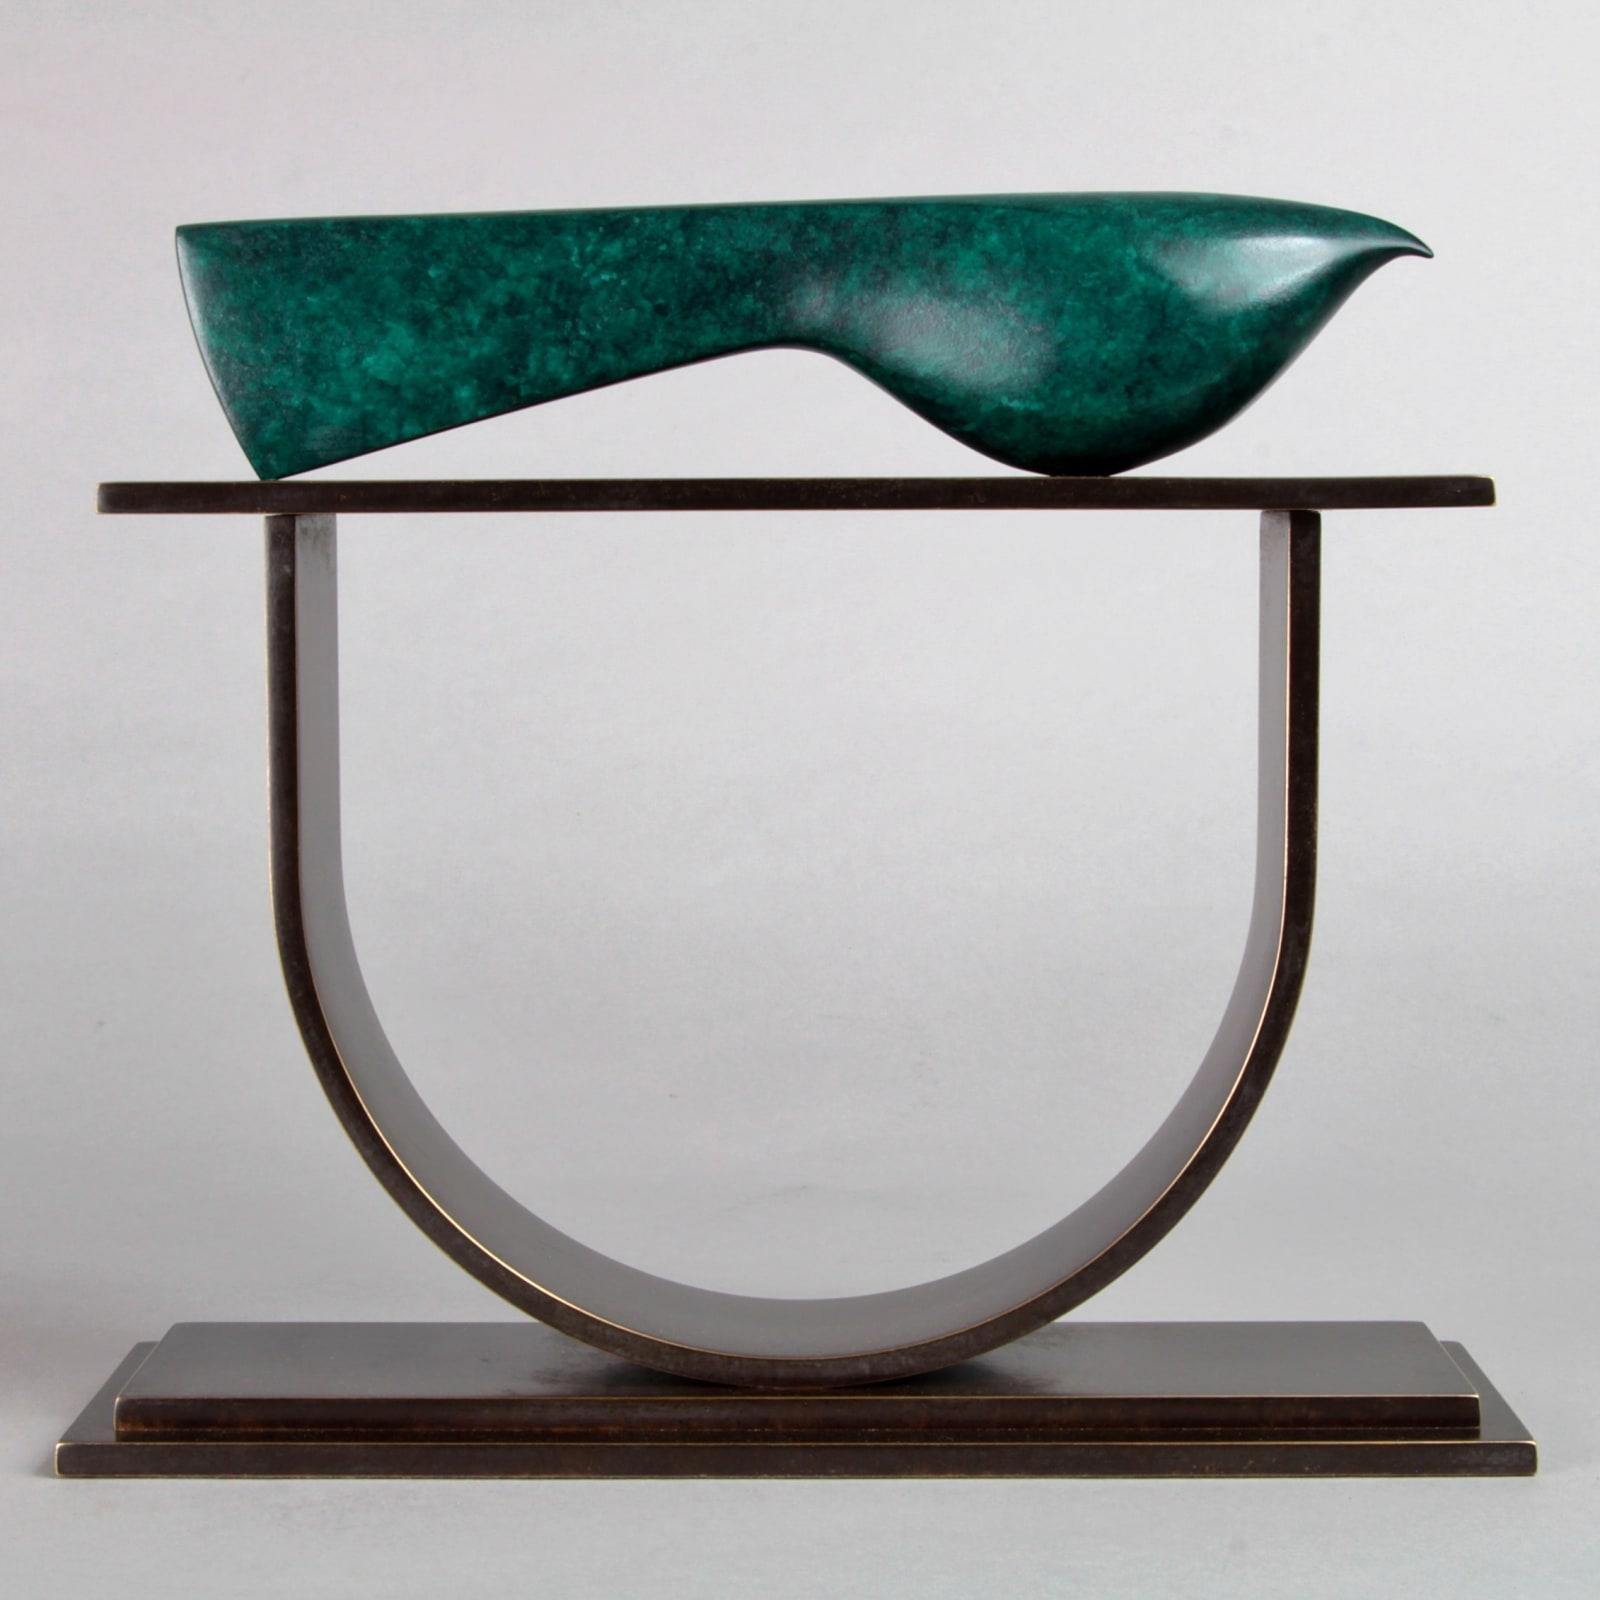 Stephen Page, Hatchet Bird, 2018